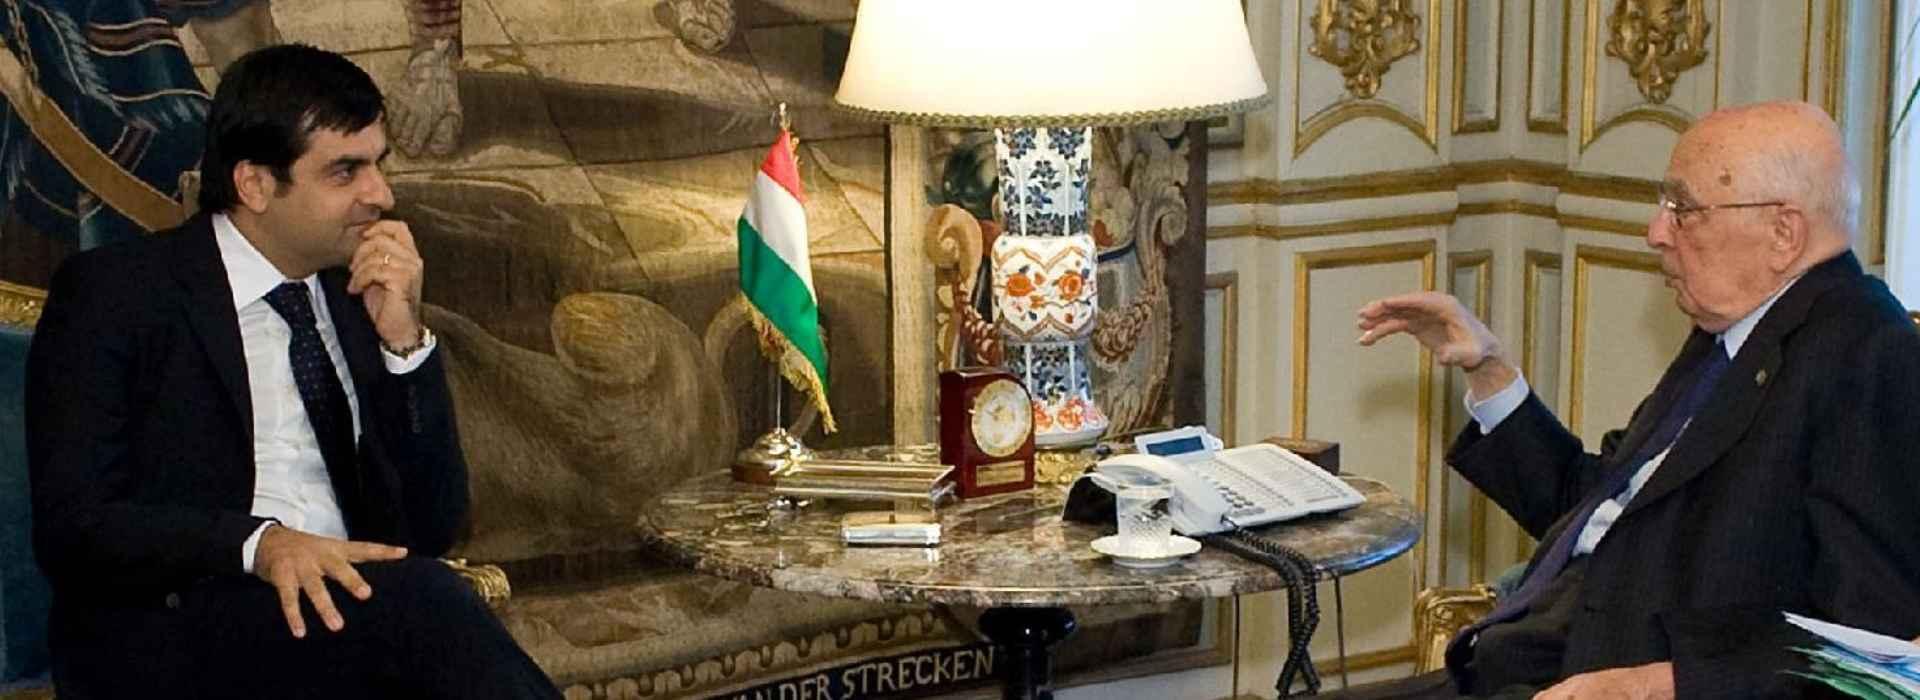 """Palamara-gate: """"incarichi decisi nelle cene"""". Il pm probabile mediatore intercettazioni """"Stato-mafia"""" Napolitano"""